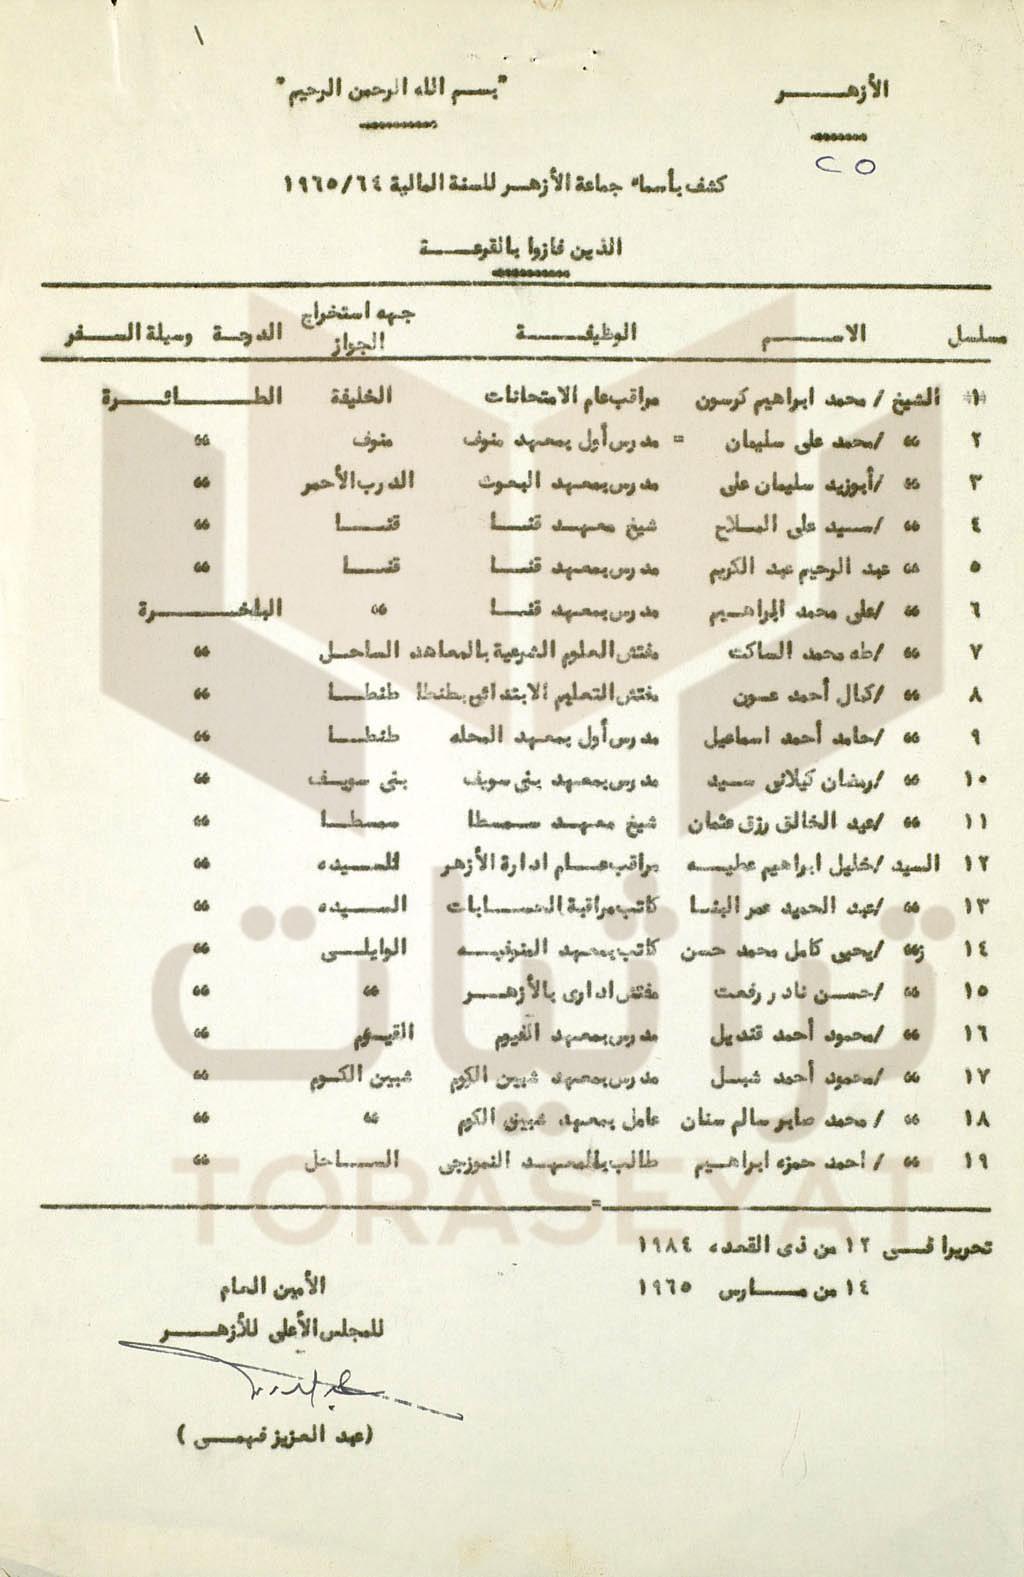 وثيقة فوز 19 أزهريًا بحج القرعة للسنة المالية 1964 - 1965 م